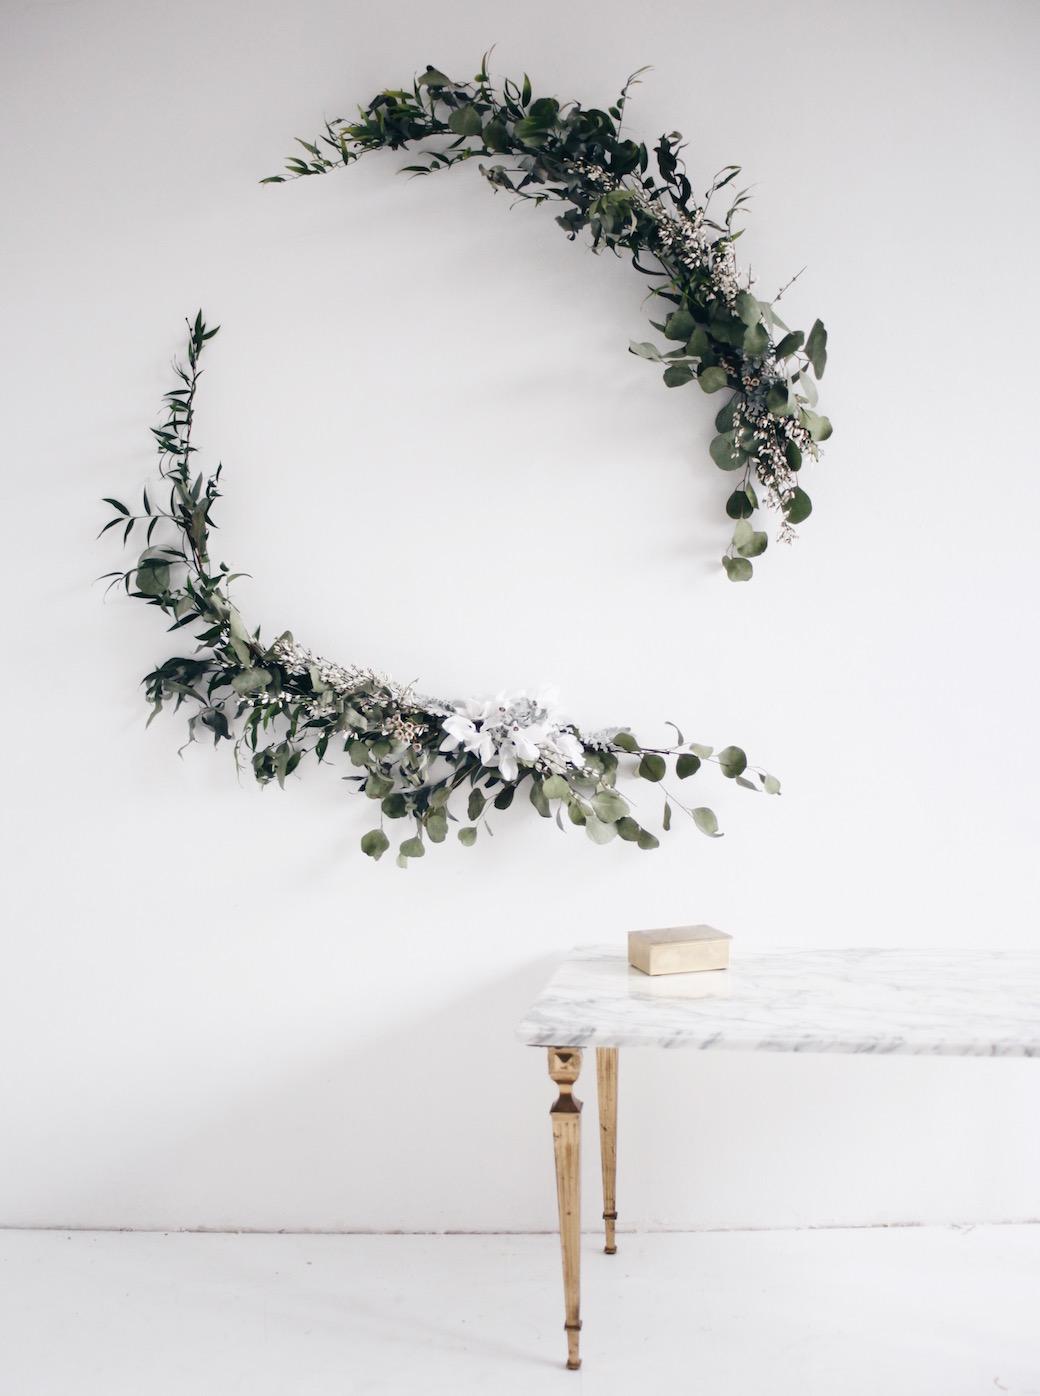 Découvrez une selection de tutoriels pour créer une couronne de Noel originale dans votre déco